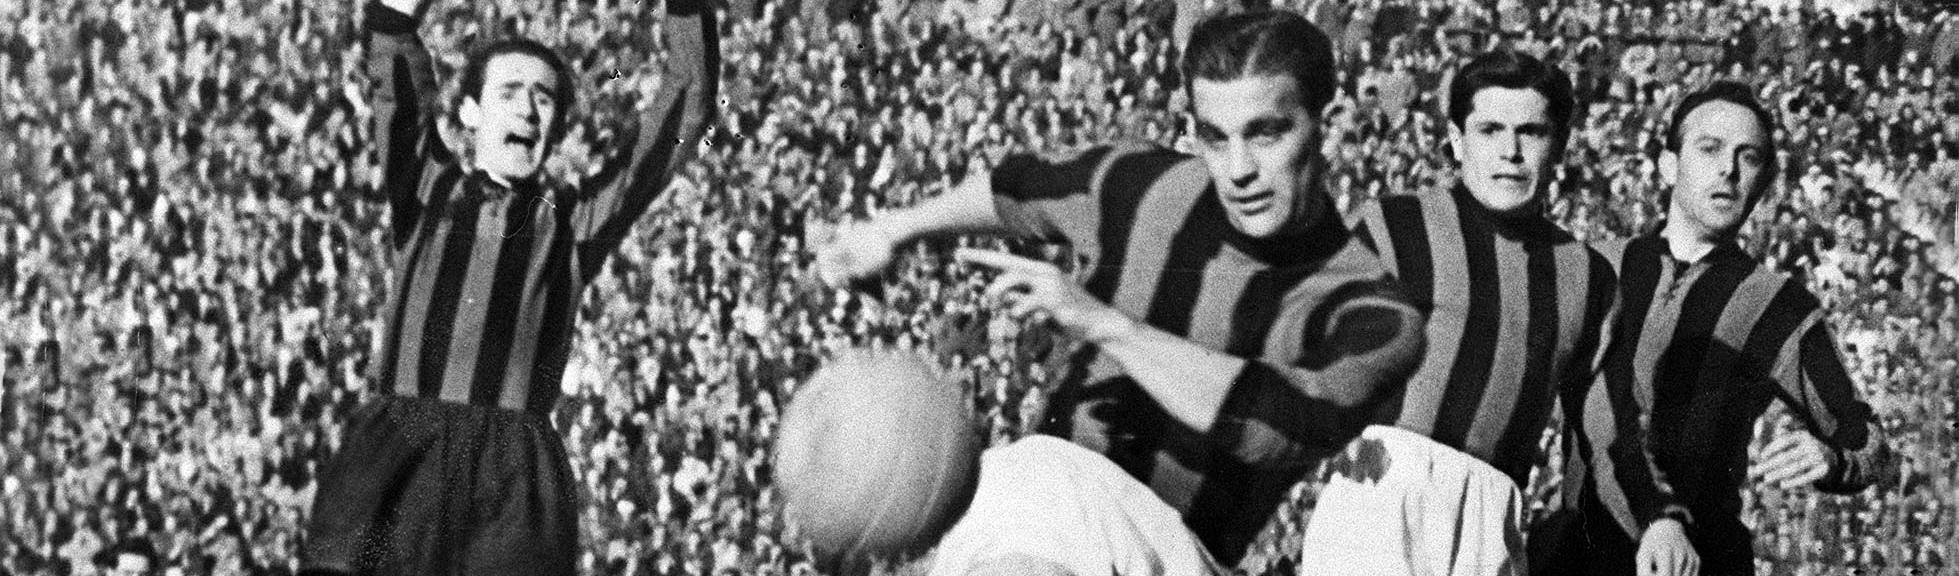 Capocannonieri in Serie A: tutti i numeri, i record e le curiosità sulla corsa al trono dei bomber